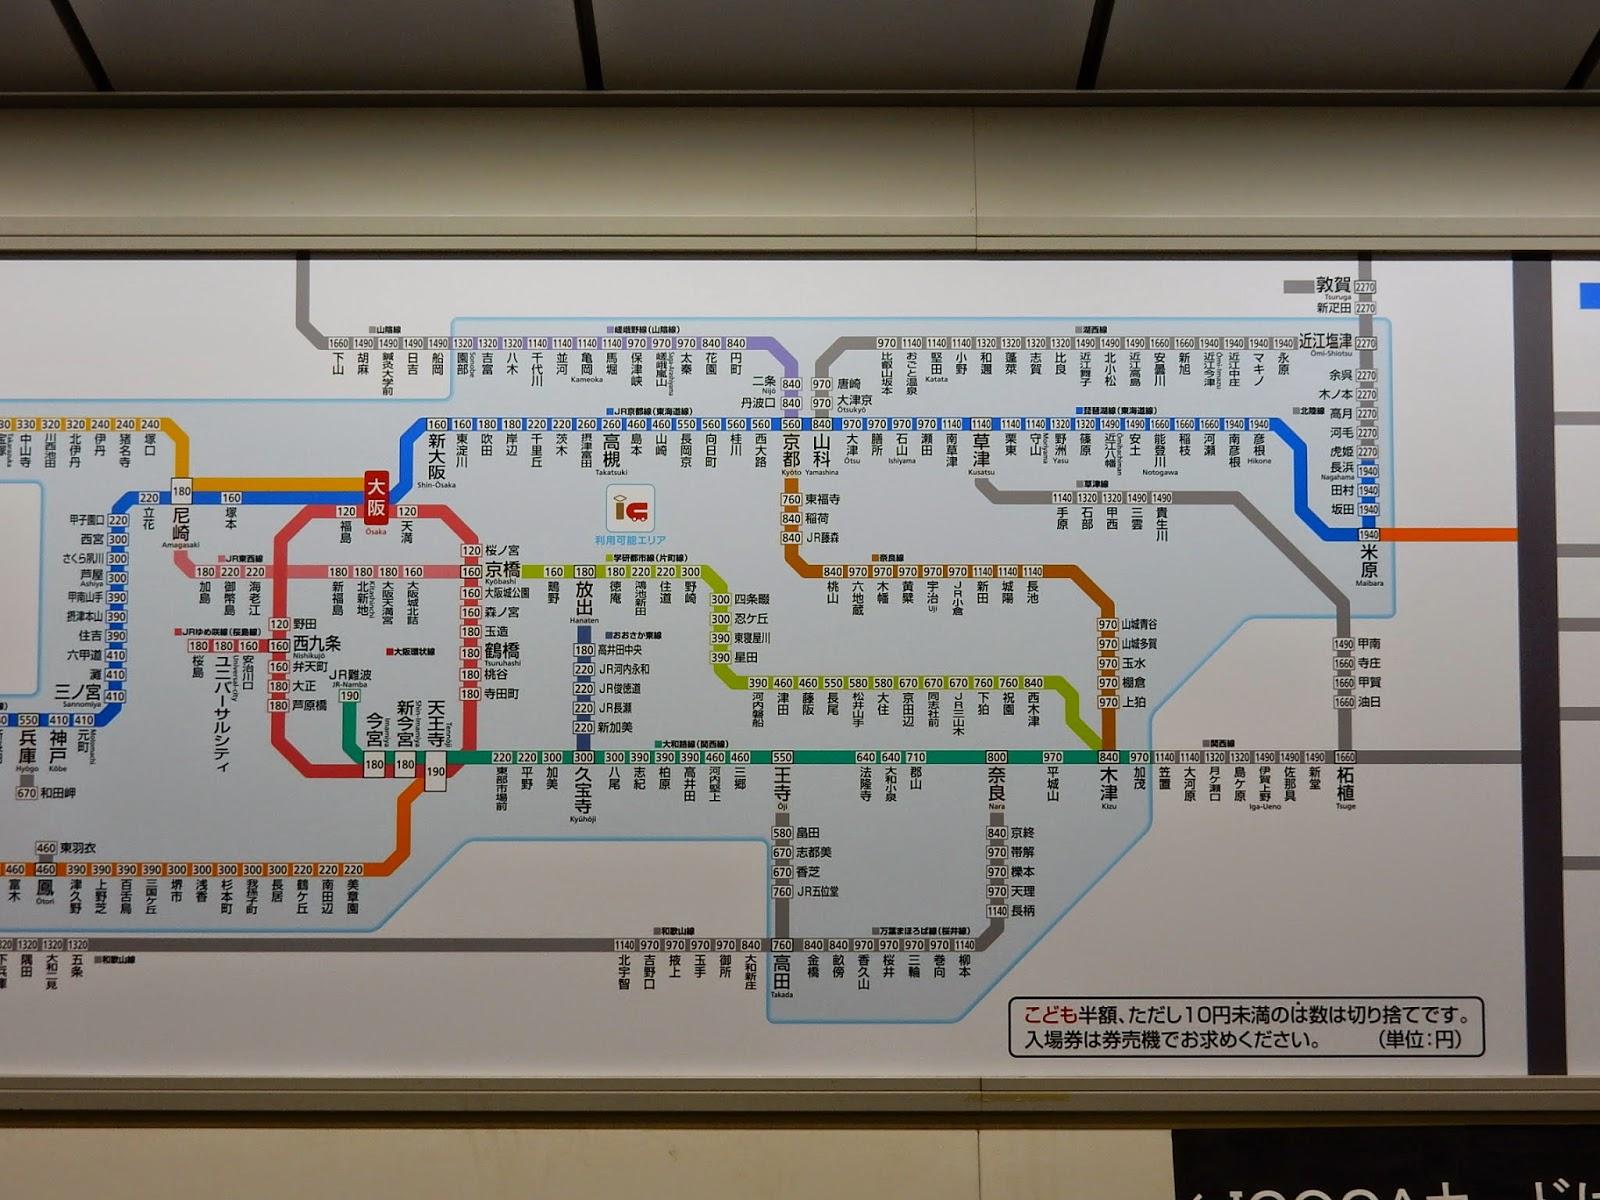 電車の運賃表: 大阪 おおさか JR西日本